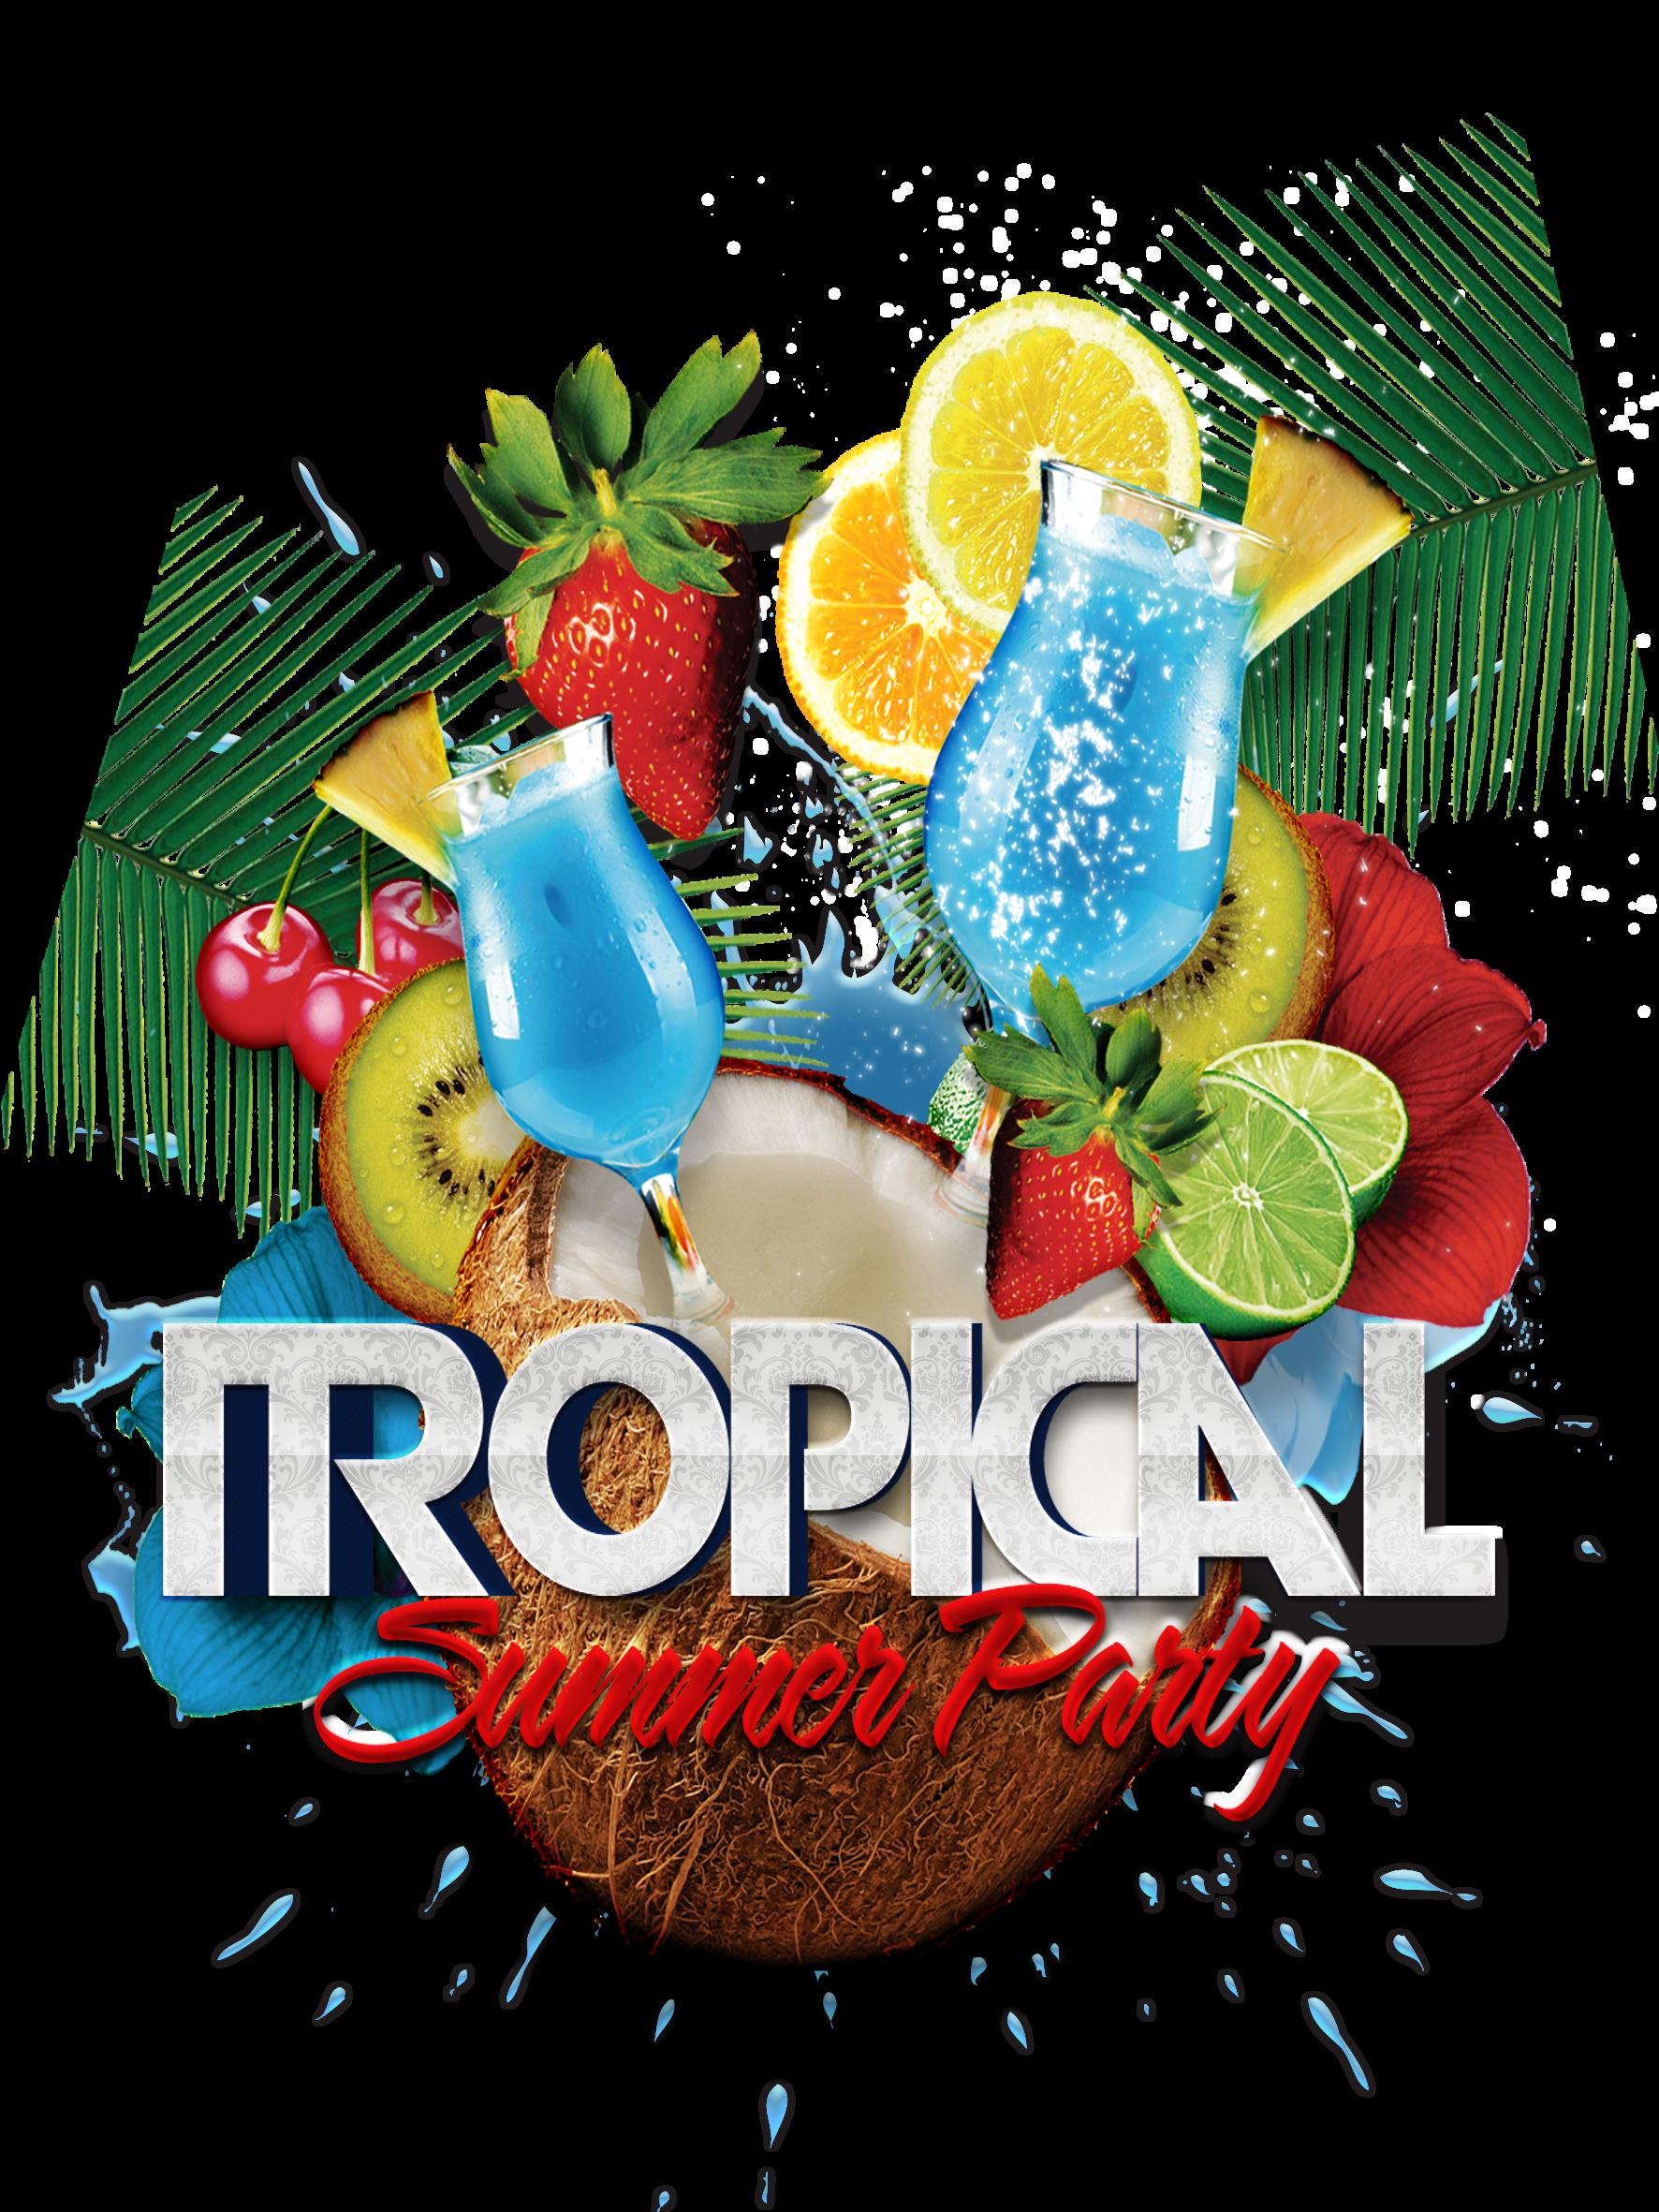 Tropics clip art transprent. Fruits clipart tropical fruit